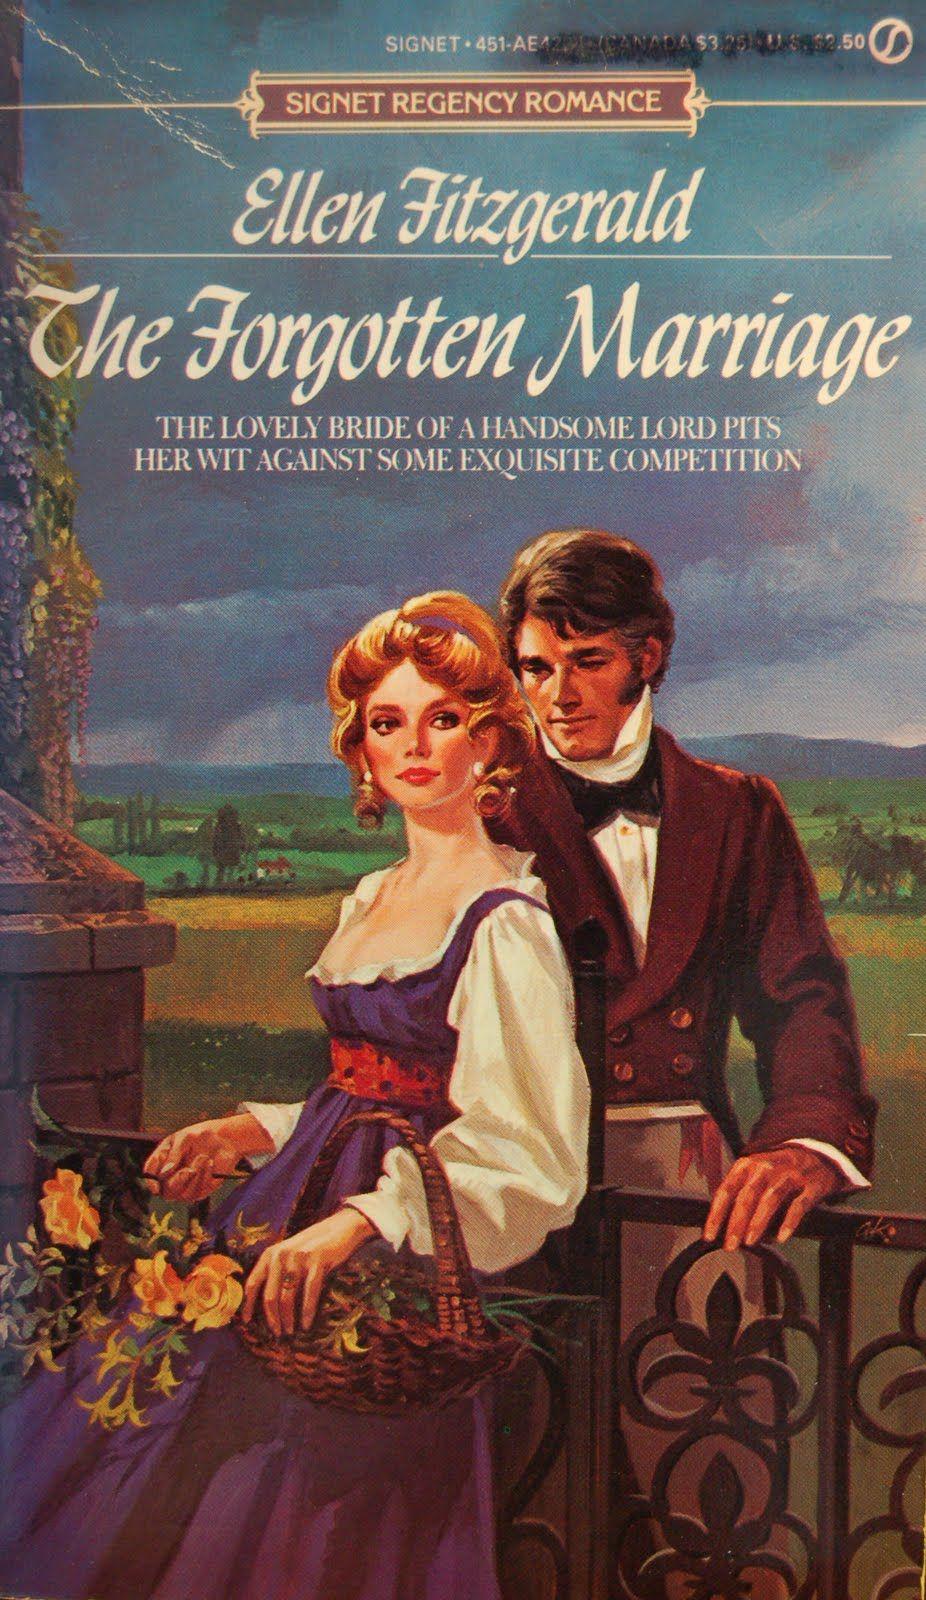 Ellen Fitzgerald Forgotten Marriage Awordfromjojo Historicalromance Ellenfitzgerald Regency Romance Books Regency Books Regency Romance